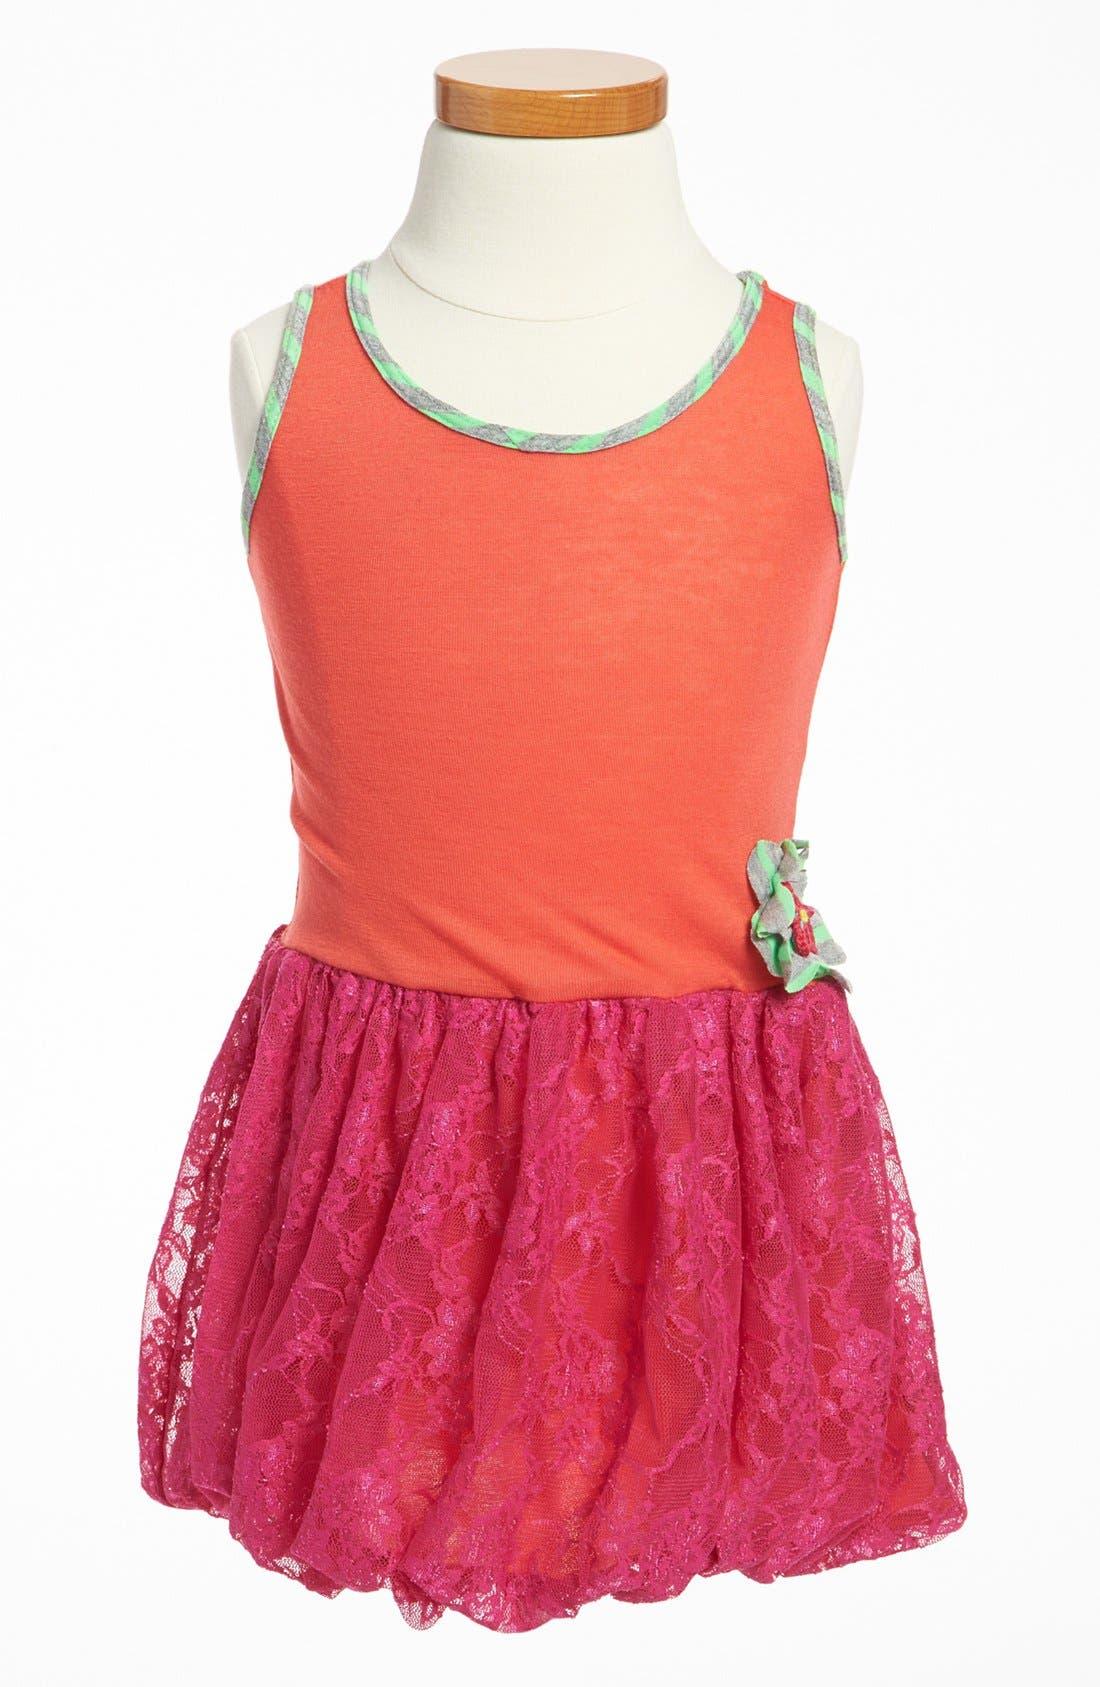 Main Image - Twirls & Twigs Bubble Skirt Dress (Toddler)